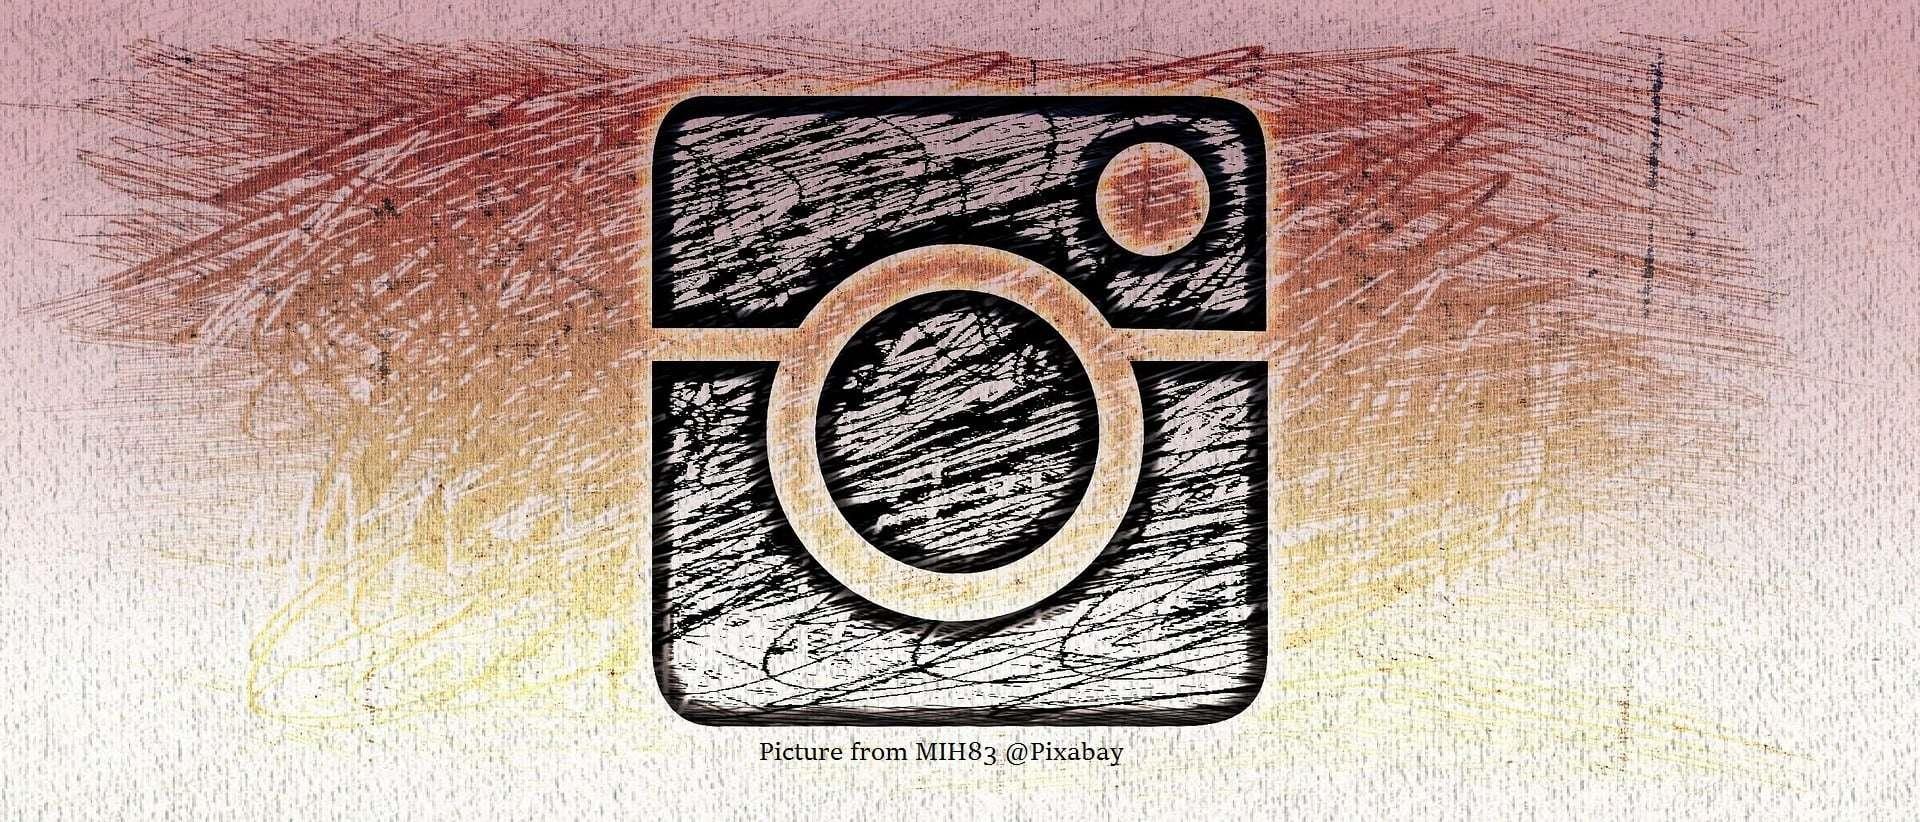 12 Akun Instagram Favorit Bonadapa, Apakah Favorit Kamu Juga?